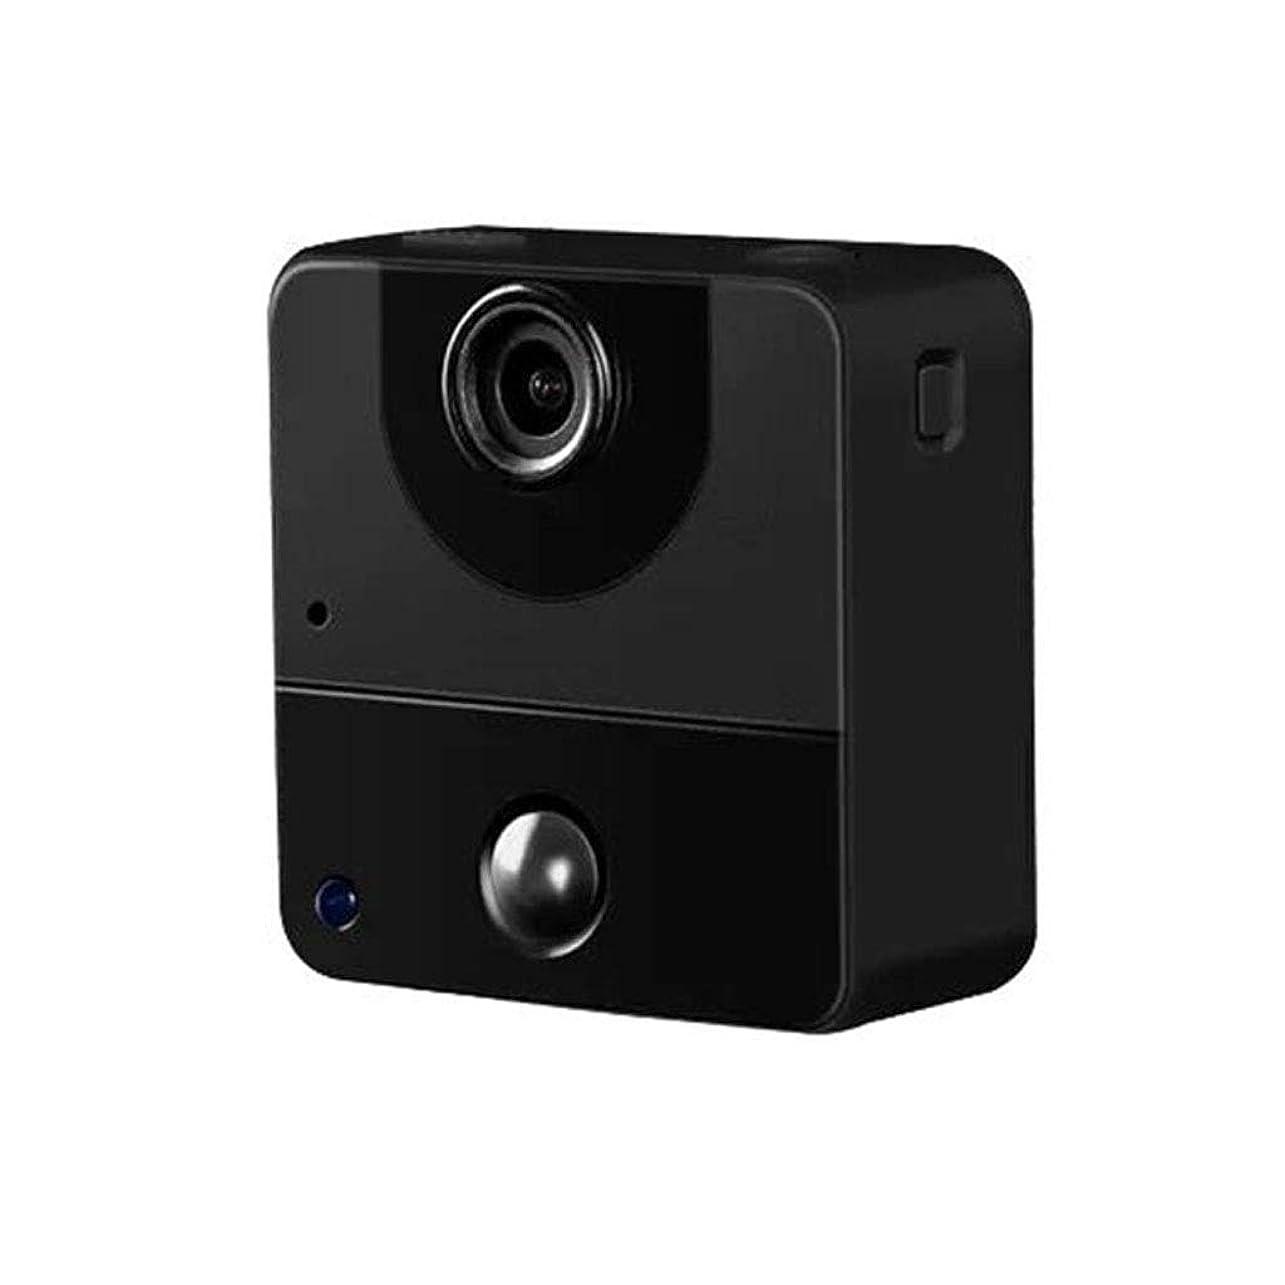 レンダー遊具療法マイクロカメラ、カメラスポーツ hd カメラ720p ポータブル小型ビデオカメラ、人間の身体センシング、インテリジェントモーション検出、低光ナイトビジョン機能 HD オーディオ小型カメラ,Black